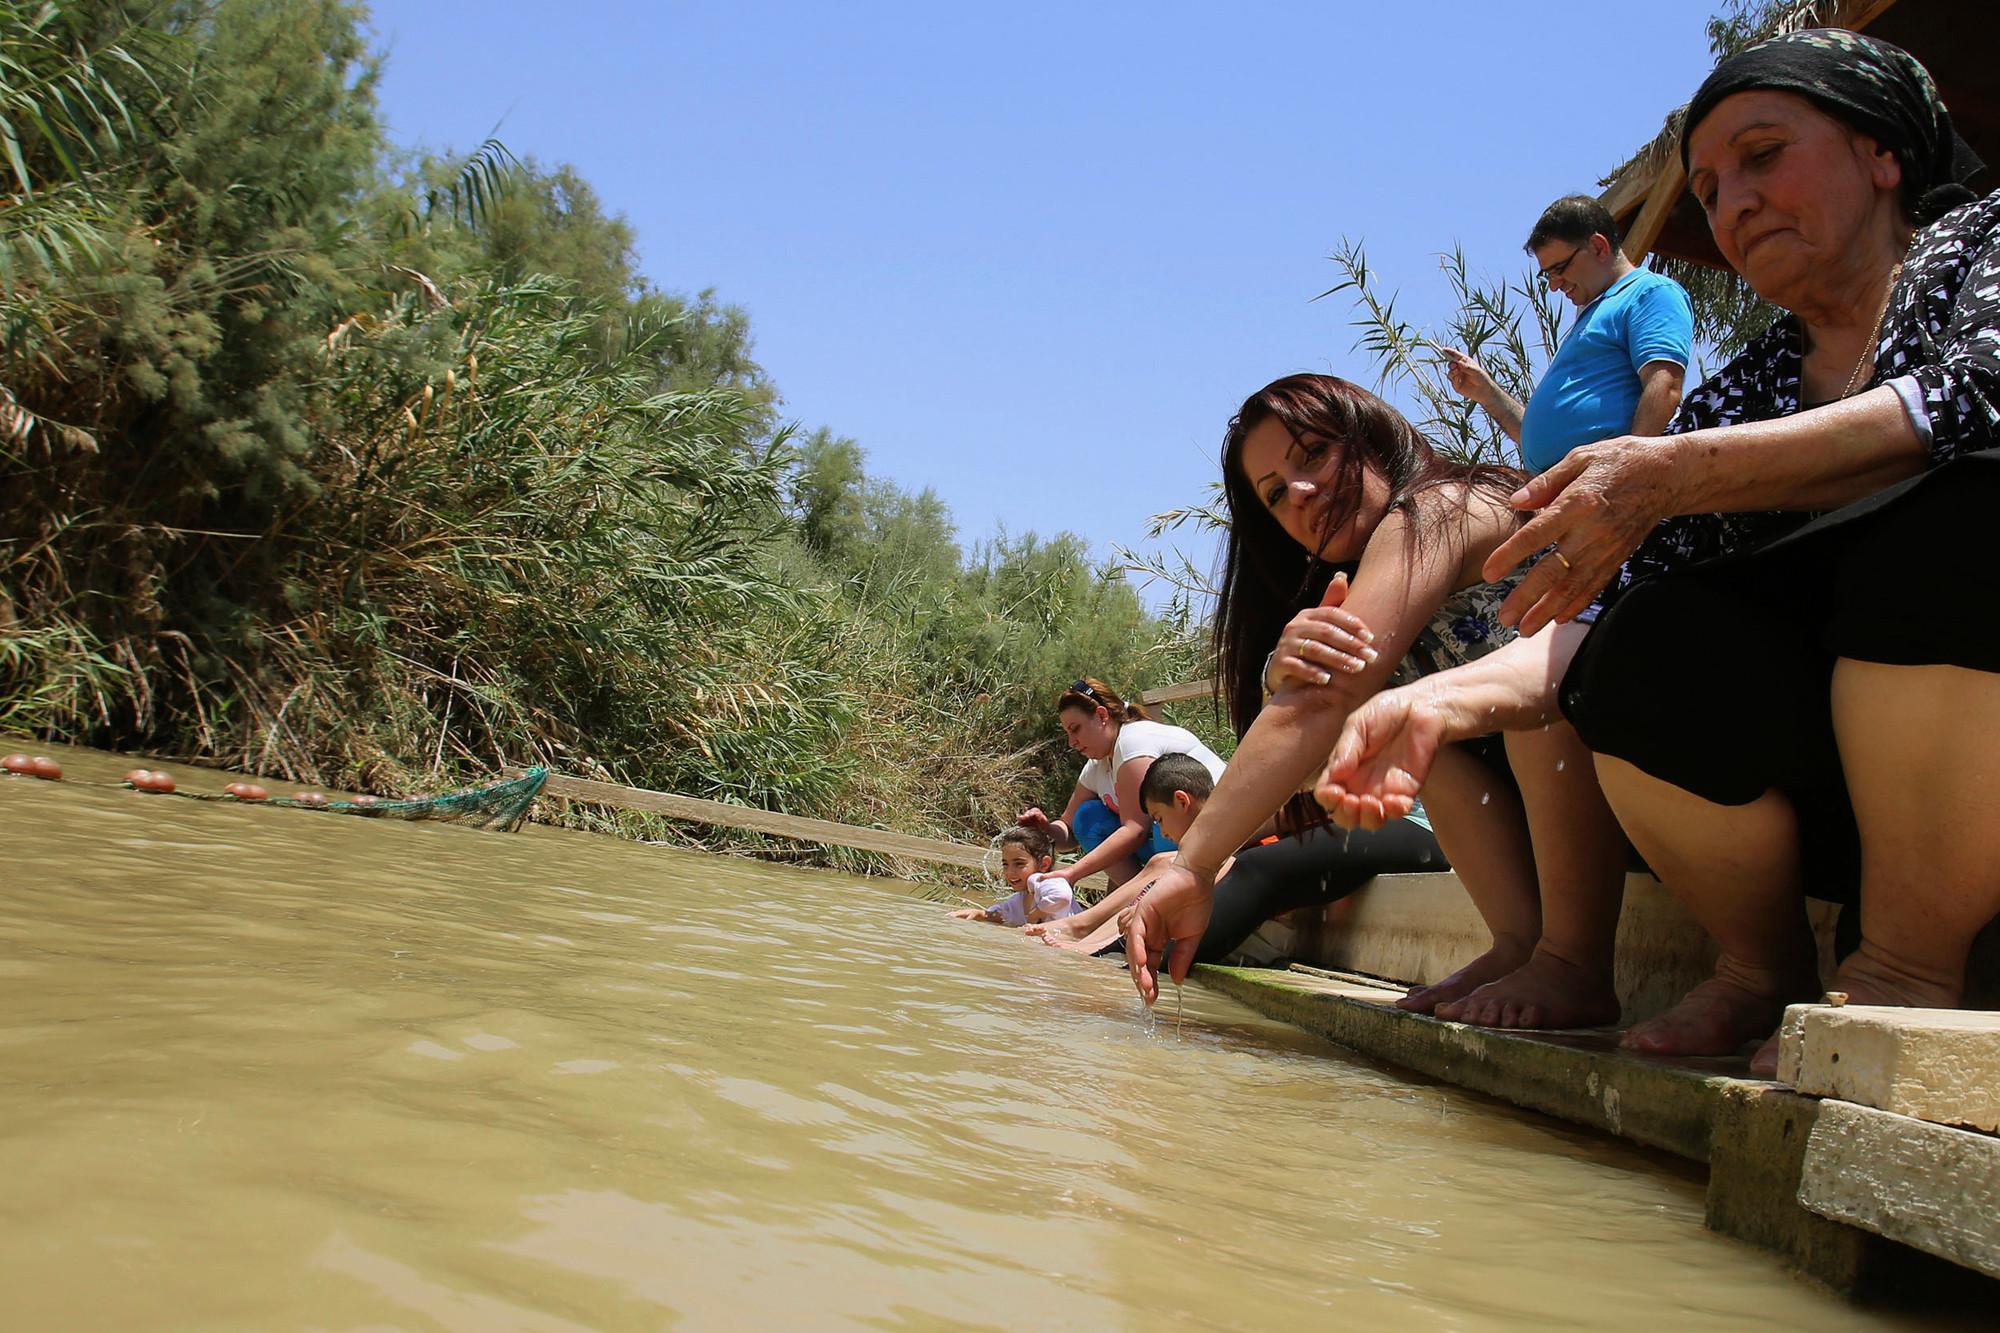 http://nypost.com/2015/07/13/jesus-was-baptized-in-jordan-not-israel-un-says/